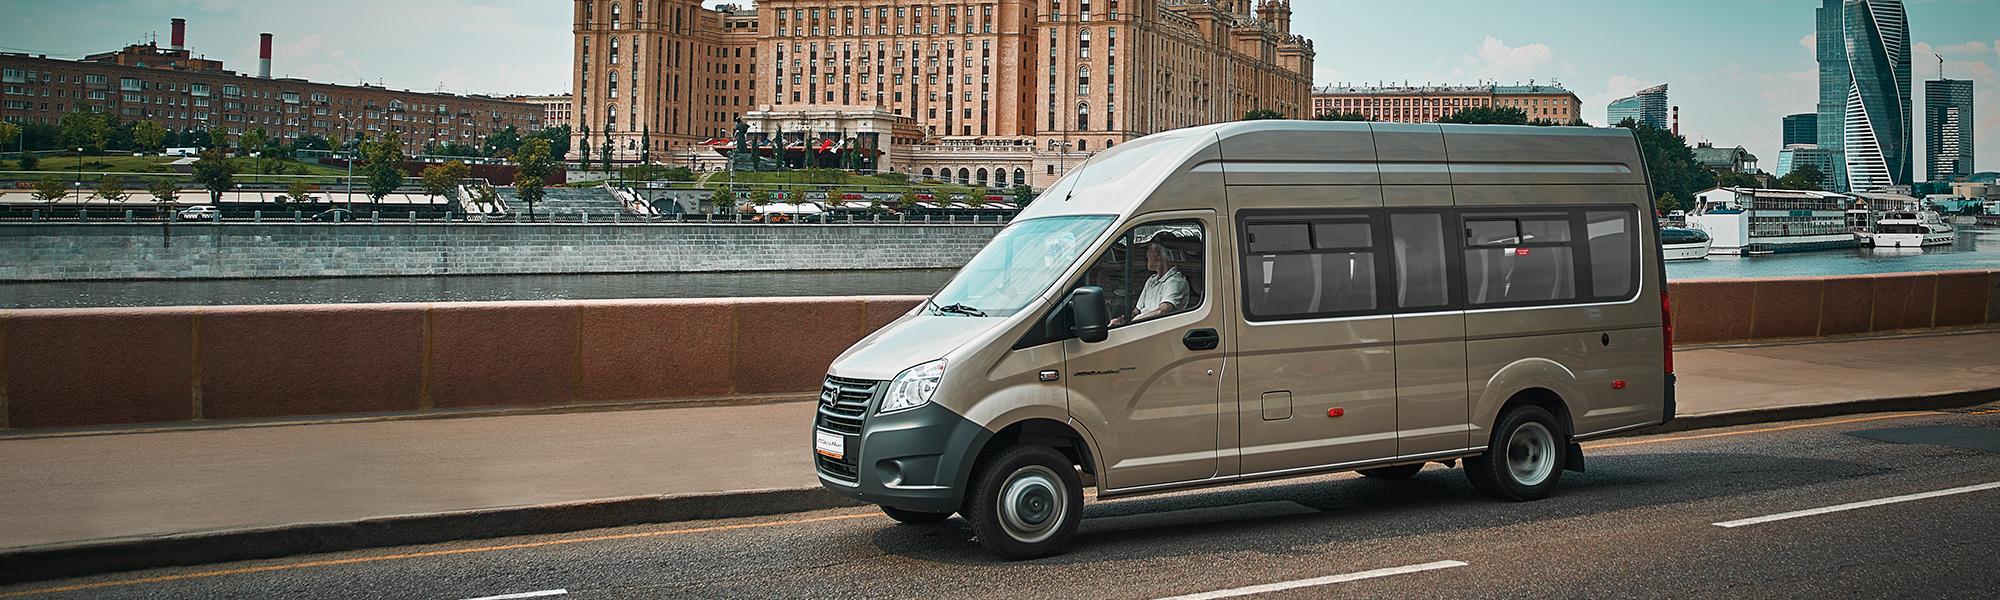 Автомобиль ГАЗель Next Автобус ЦМФ, сильвер лайт. Вид слева. Десктопное изображение